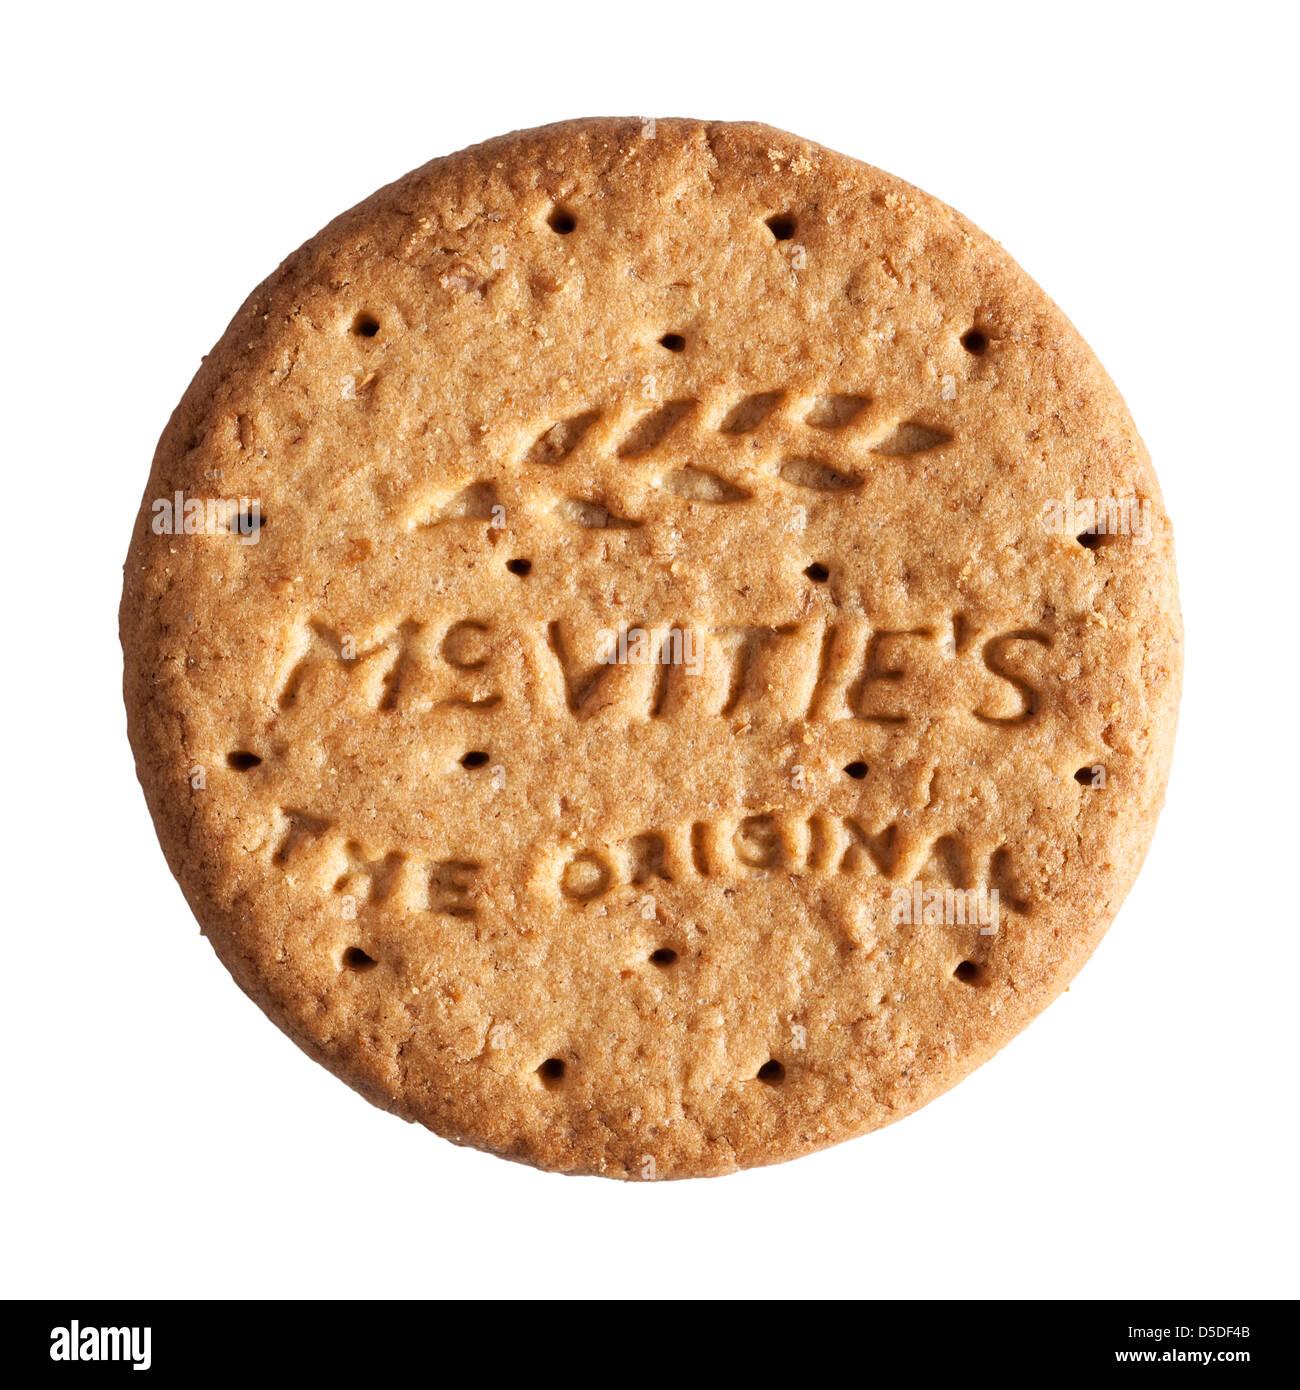 Un biscuit Mcvitie's digestives d'origine sur un fond blanc Photo Stock